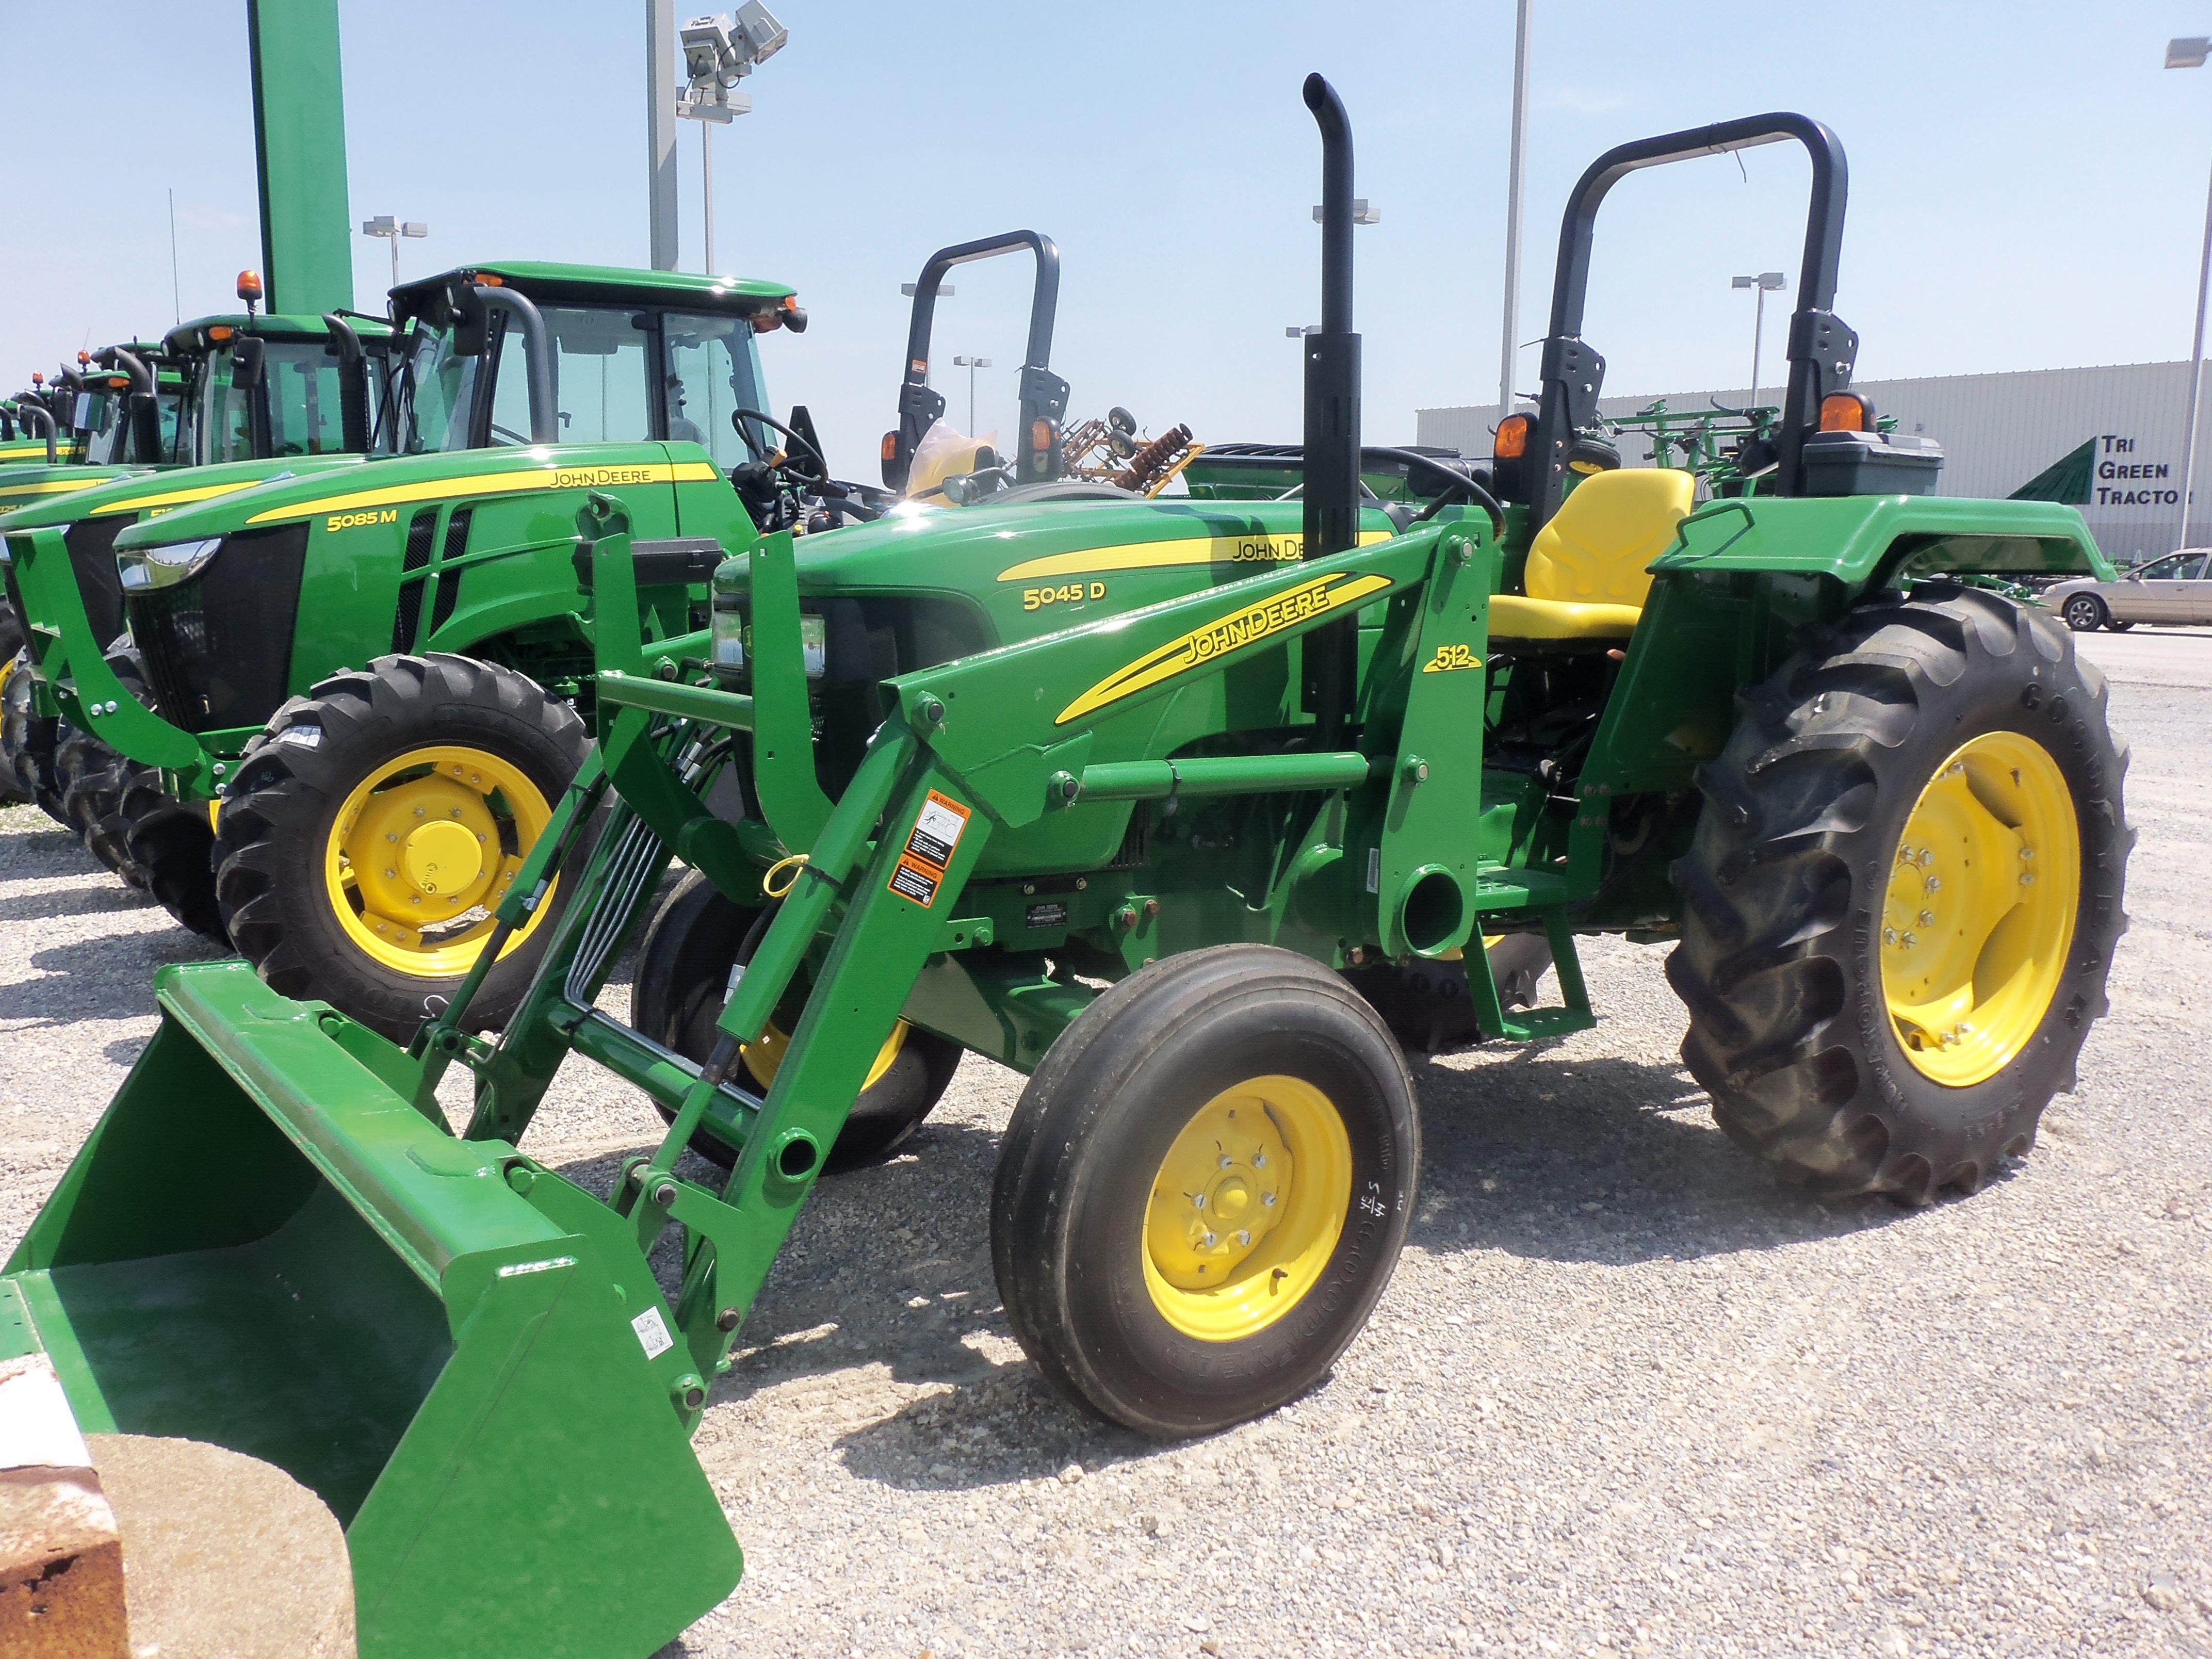 John Deere 5045D with 512 loader